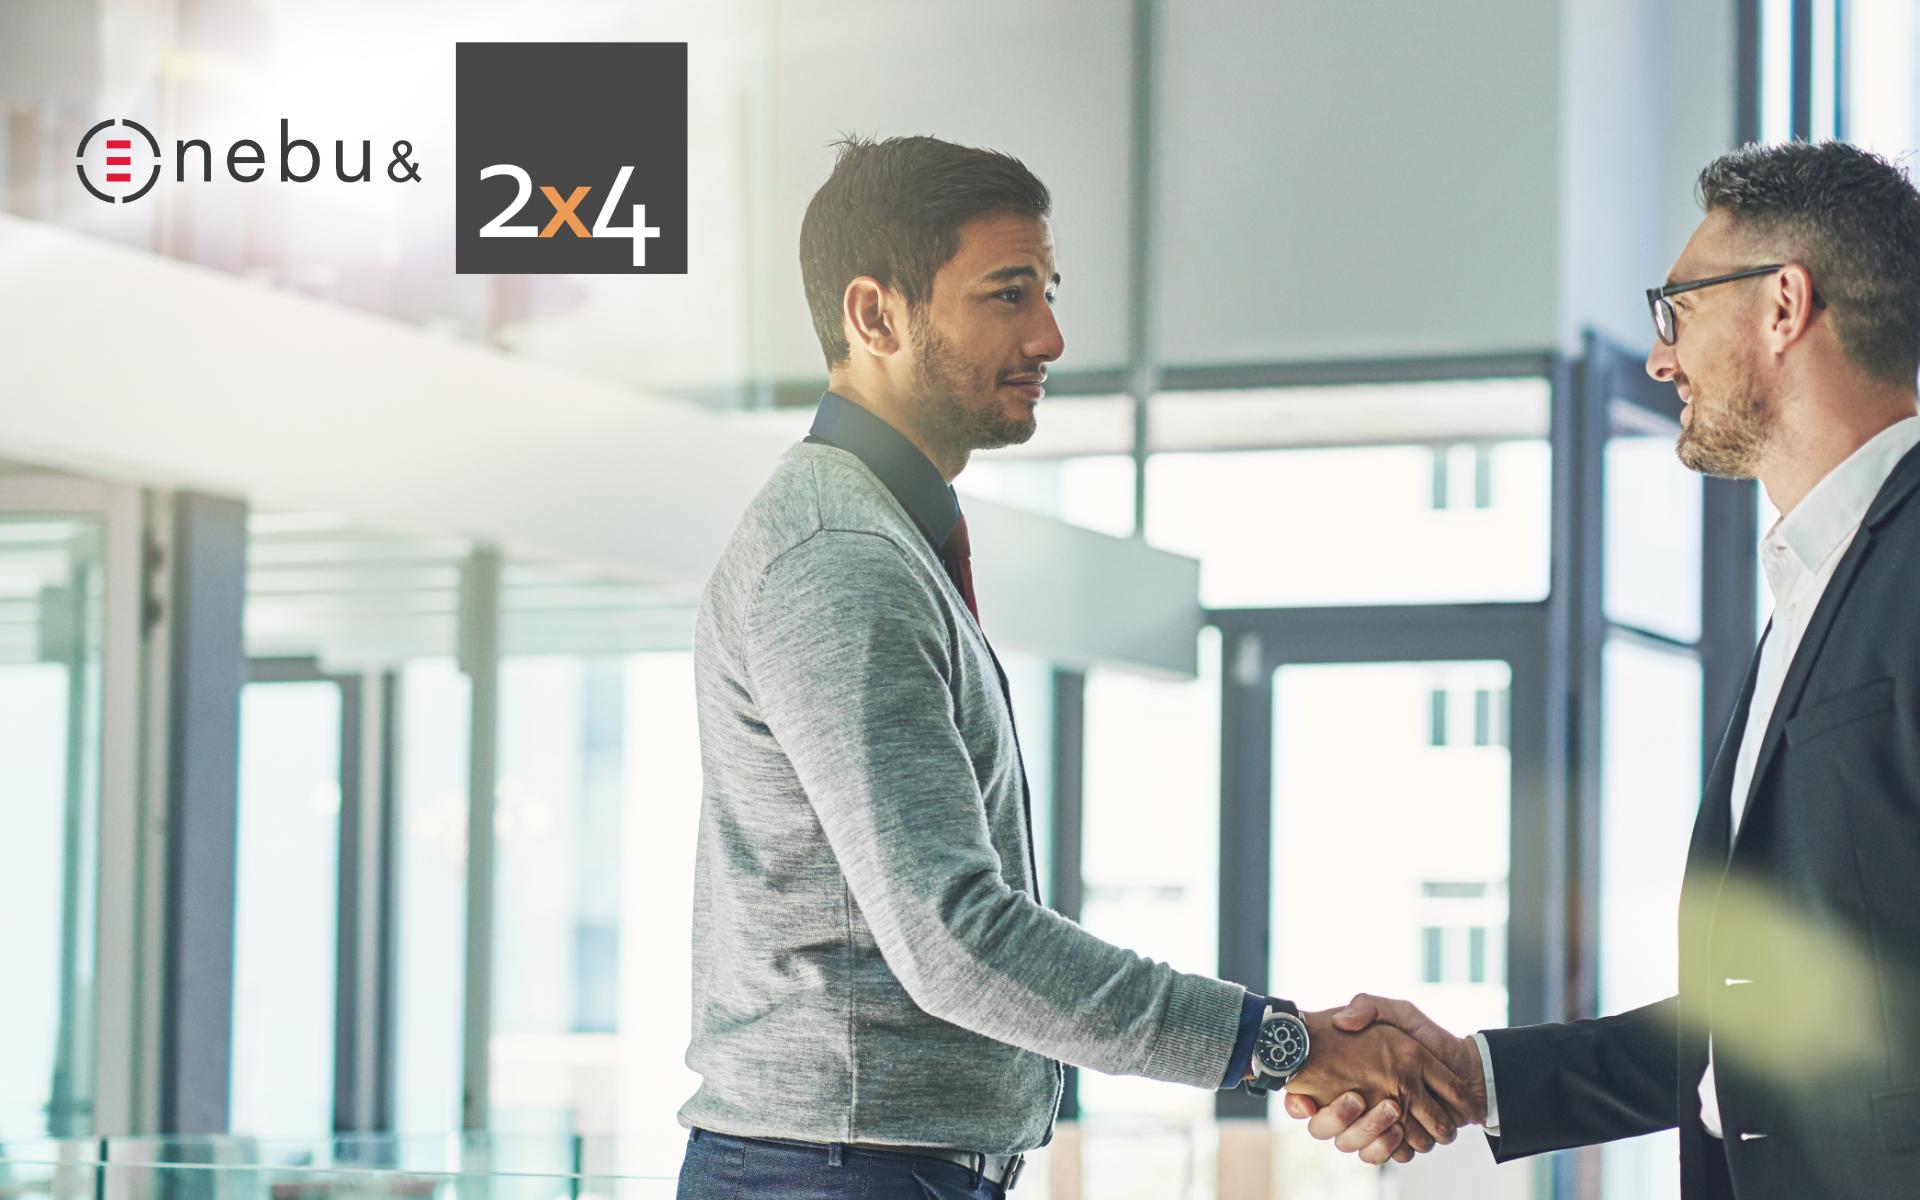 Nebu & 2x4 Form Strategic Partnership